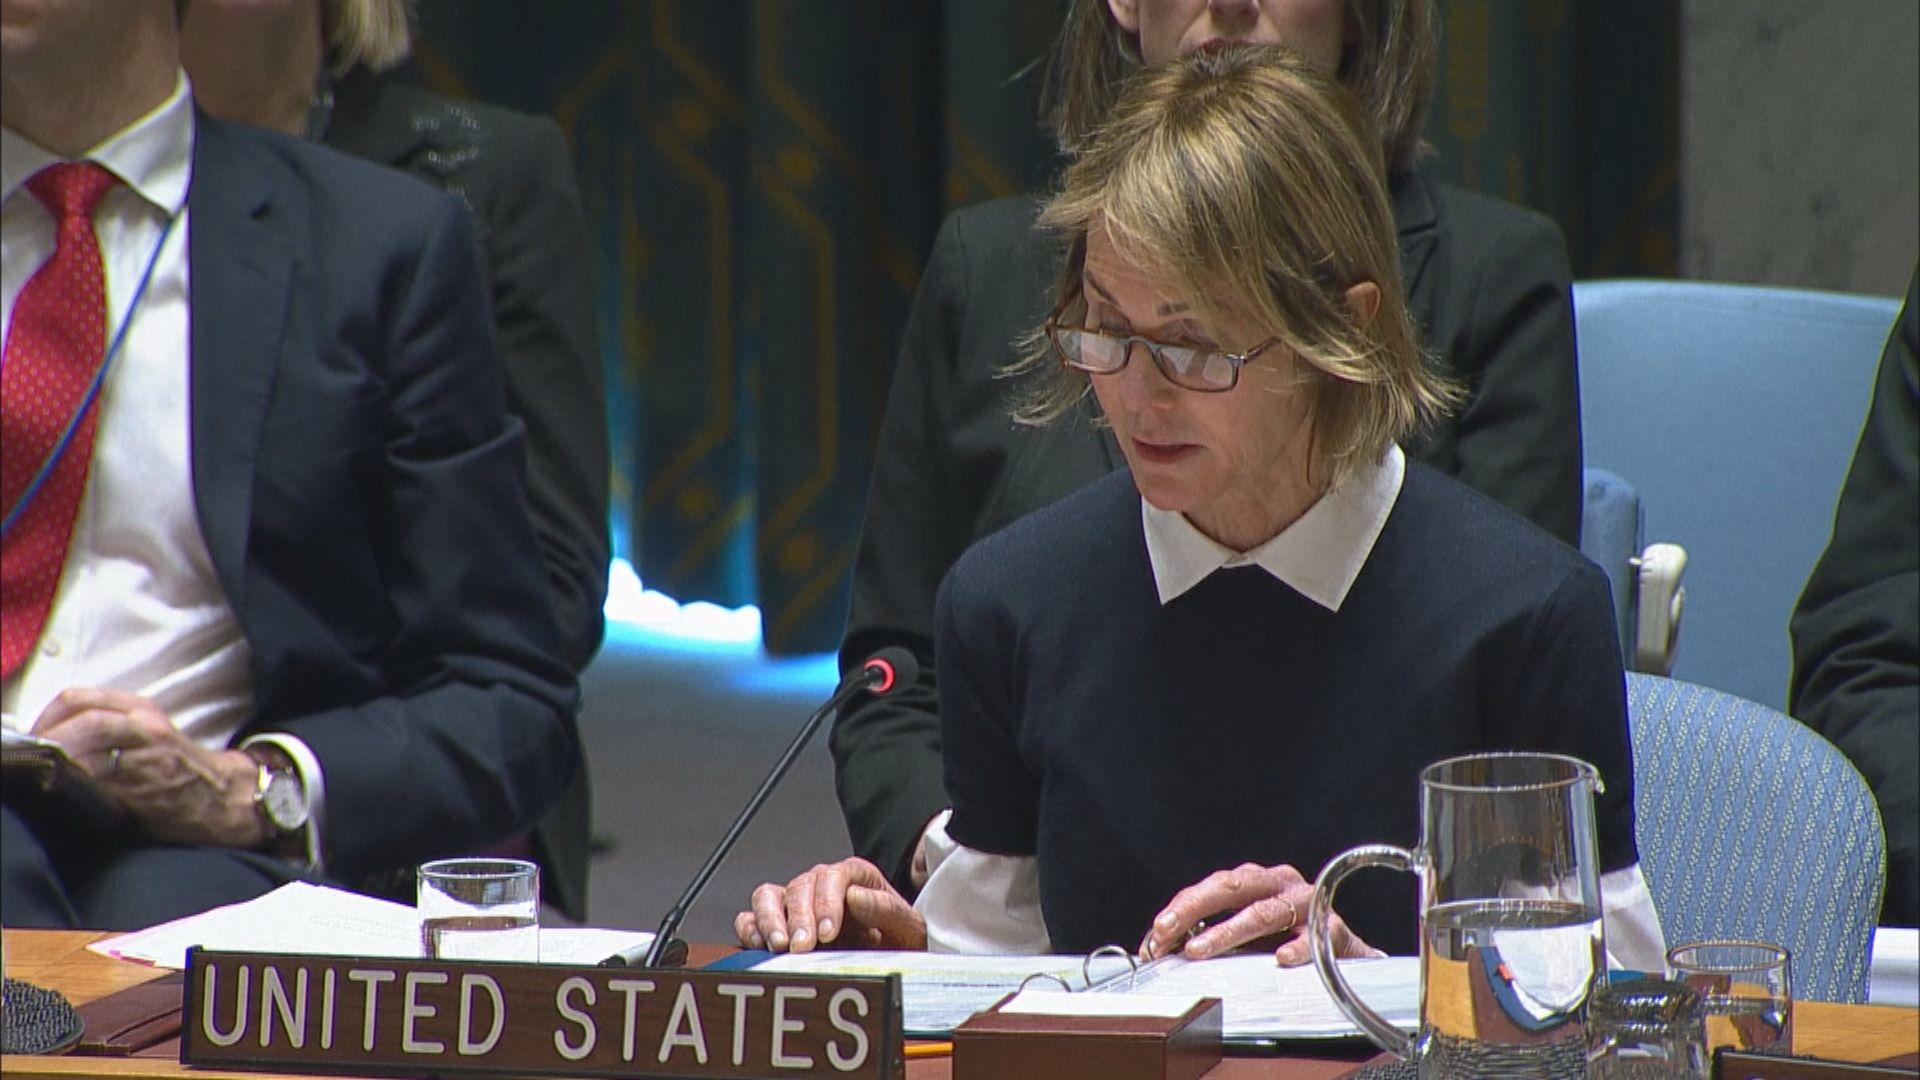 美國常駐聯合國代表將訪台三日 周四與蔡英文會面